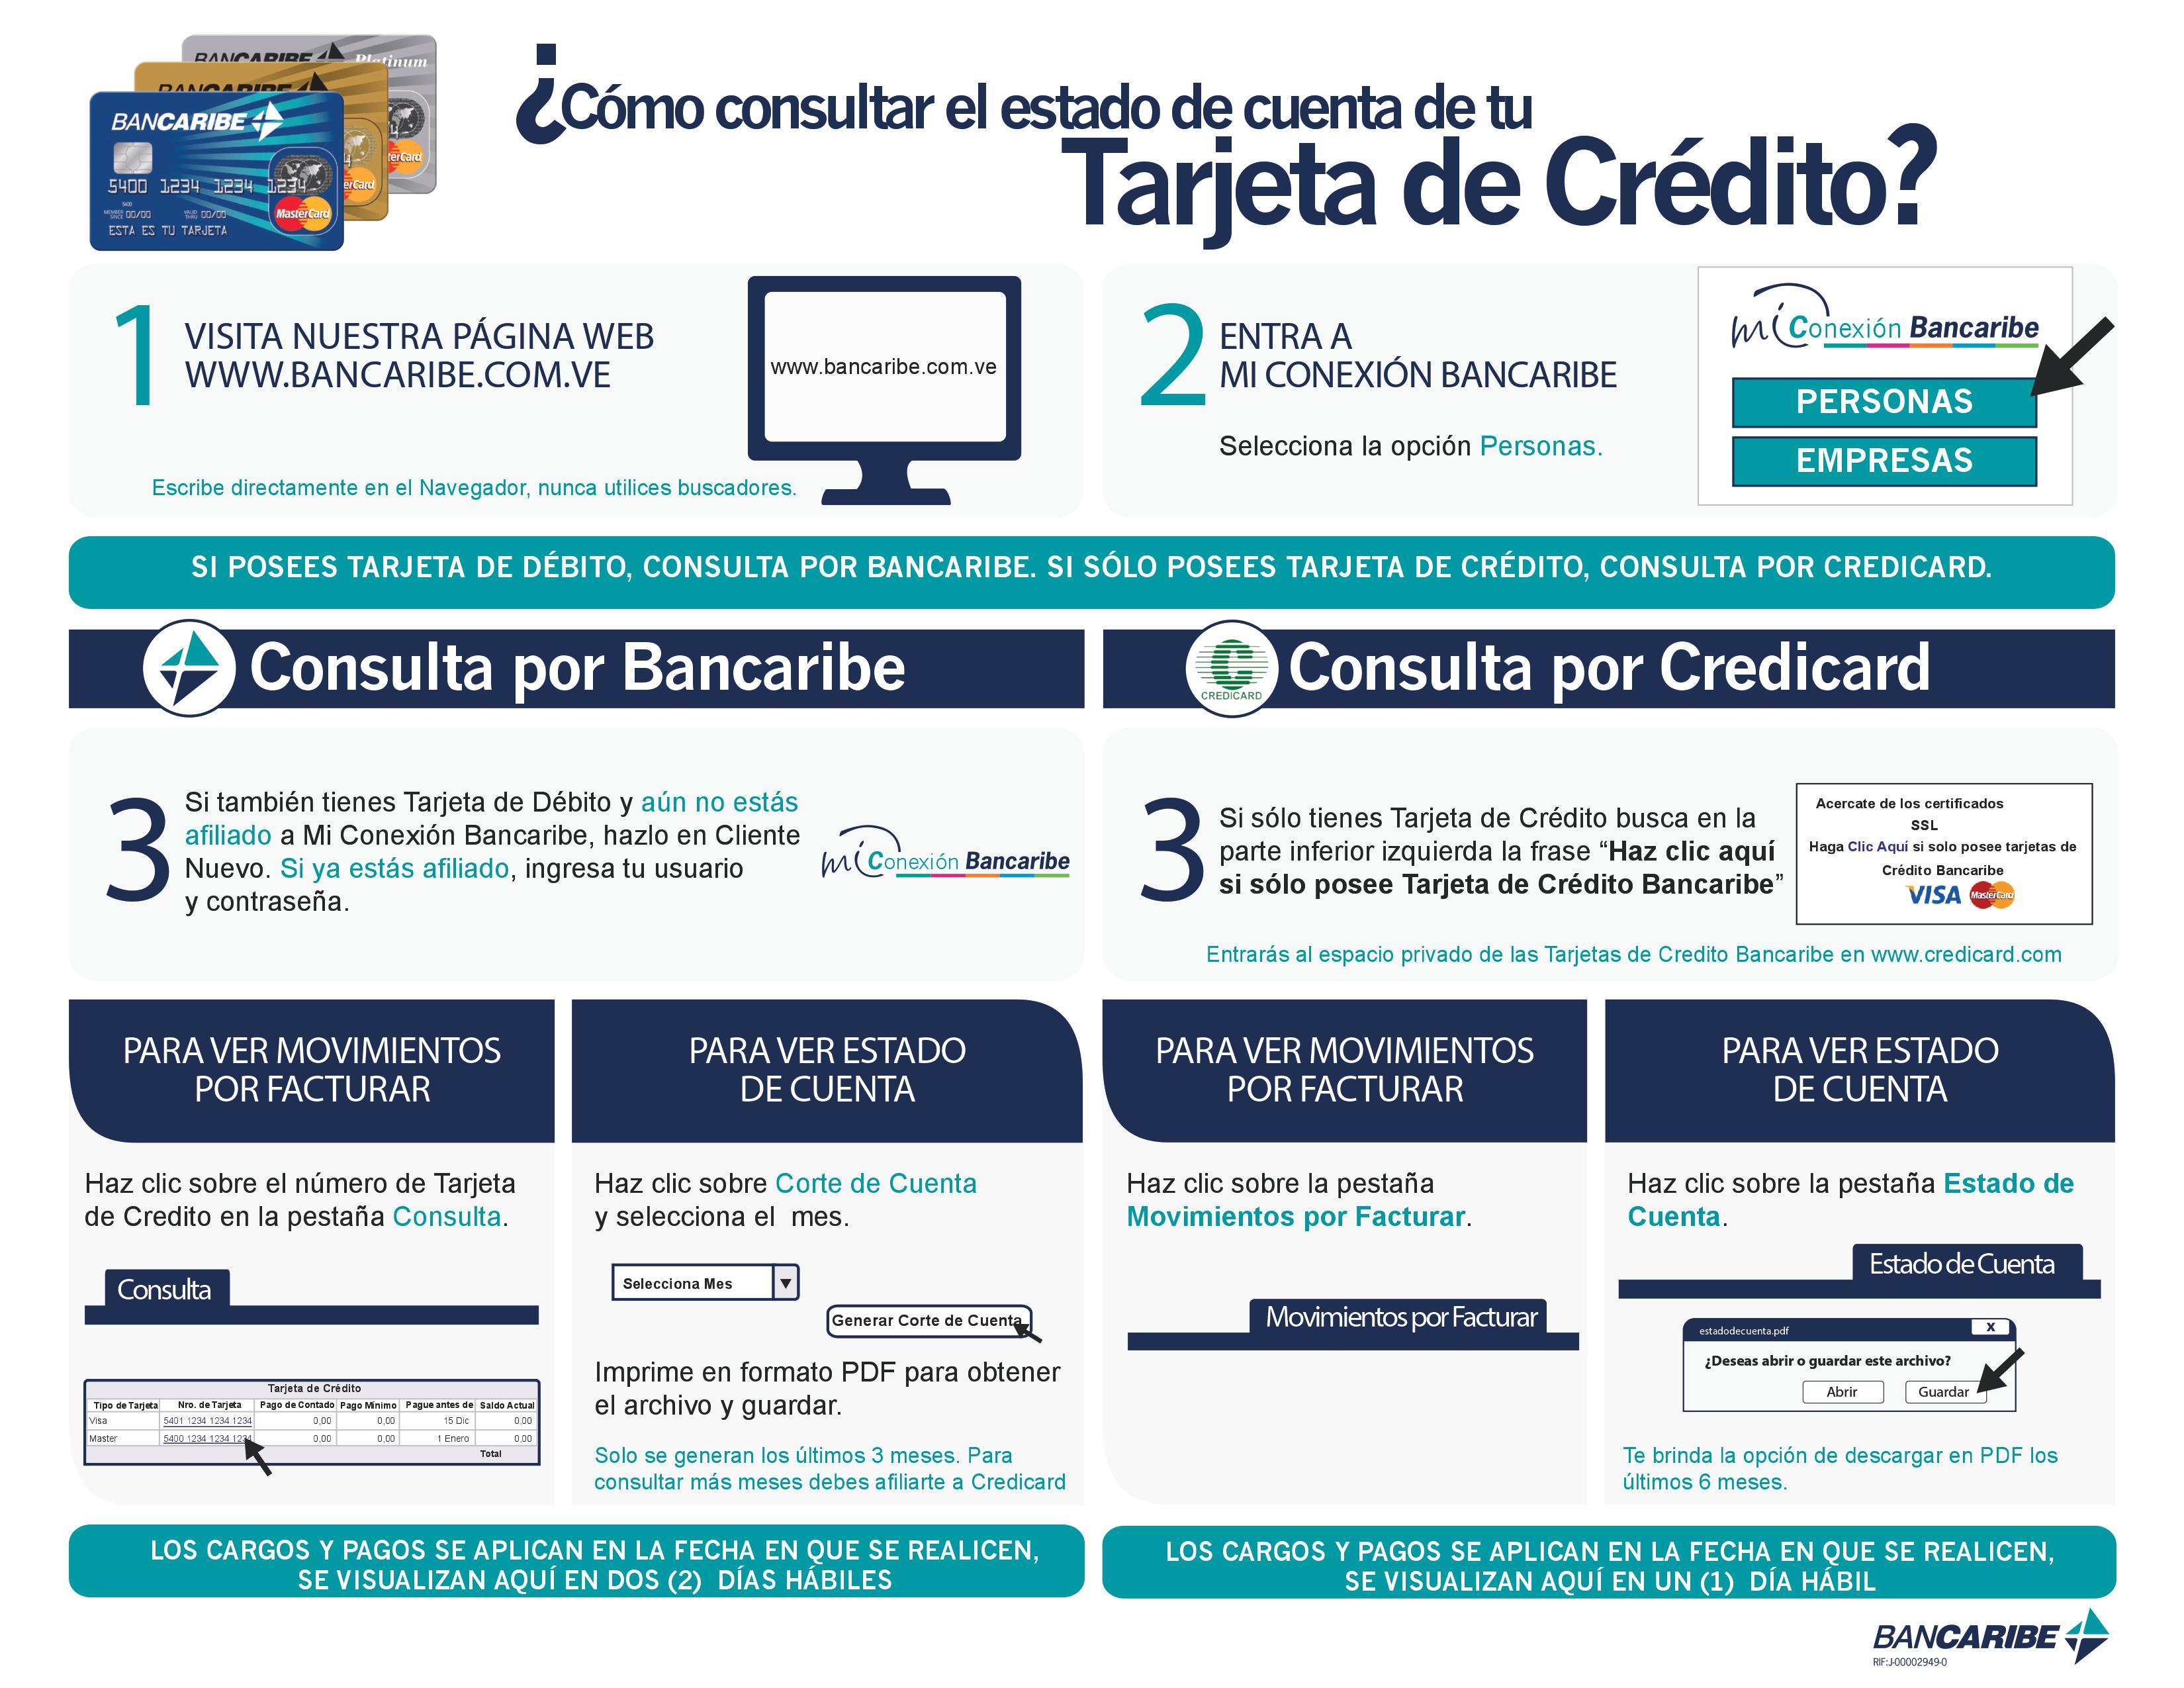 Cómo consultar el estado de cuenta de tu tarjeta de crédito